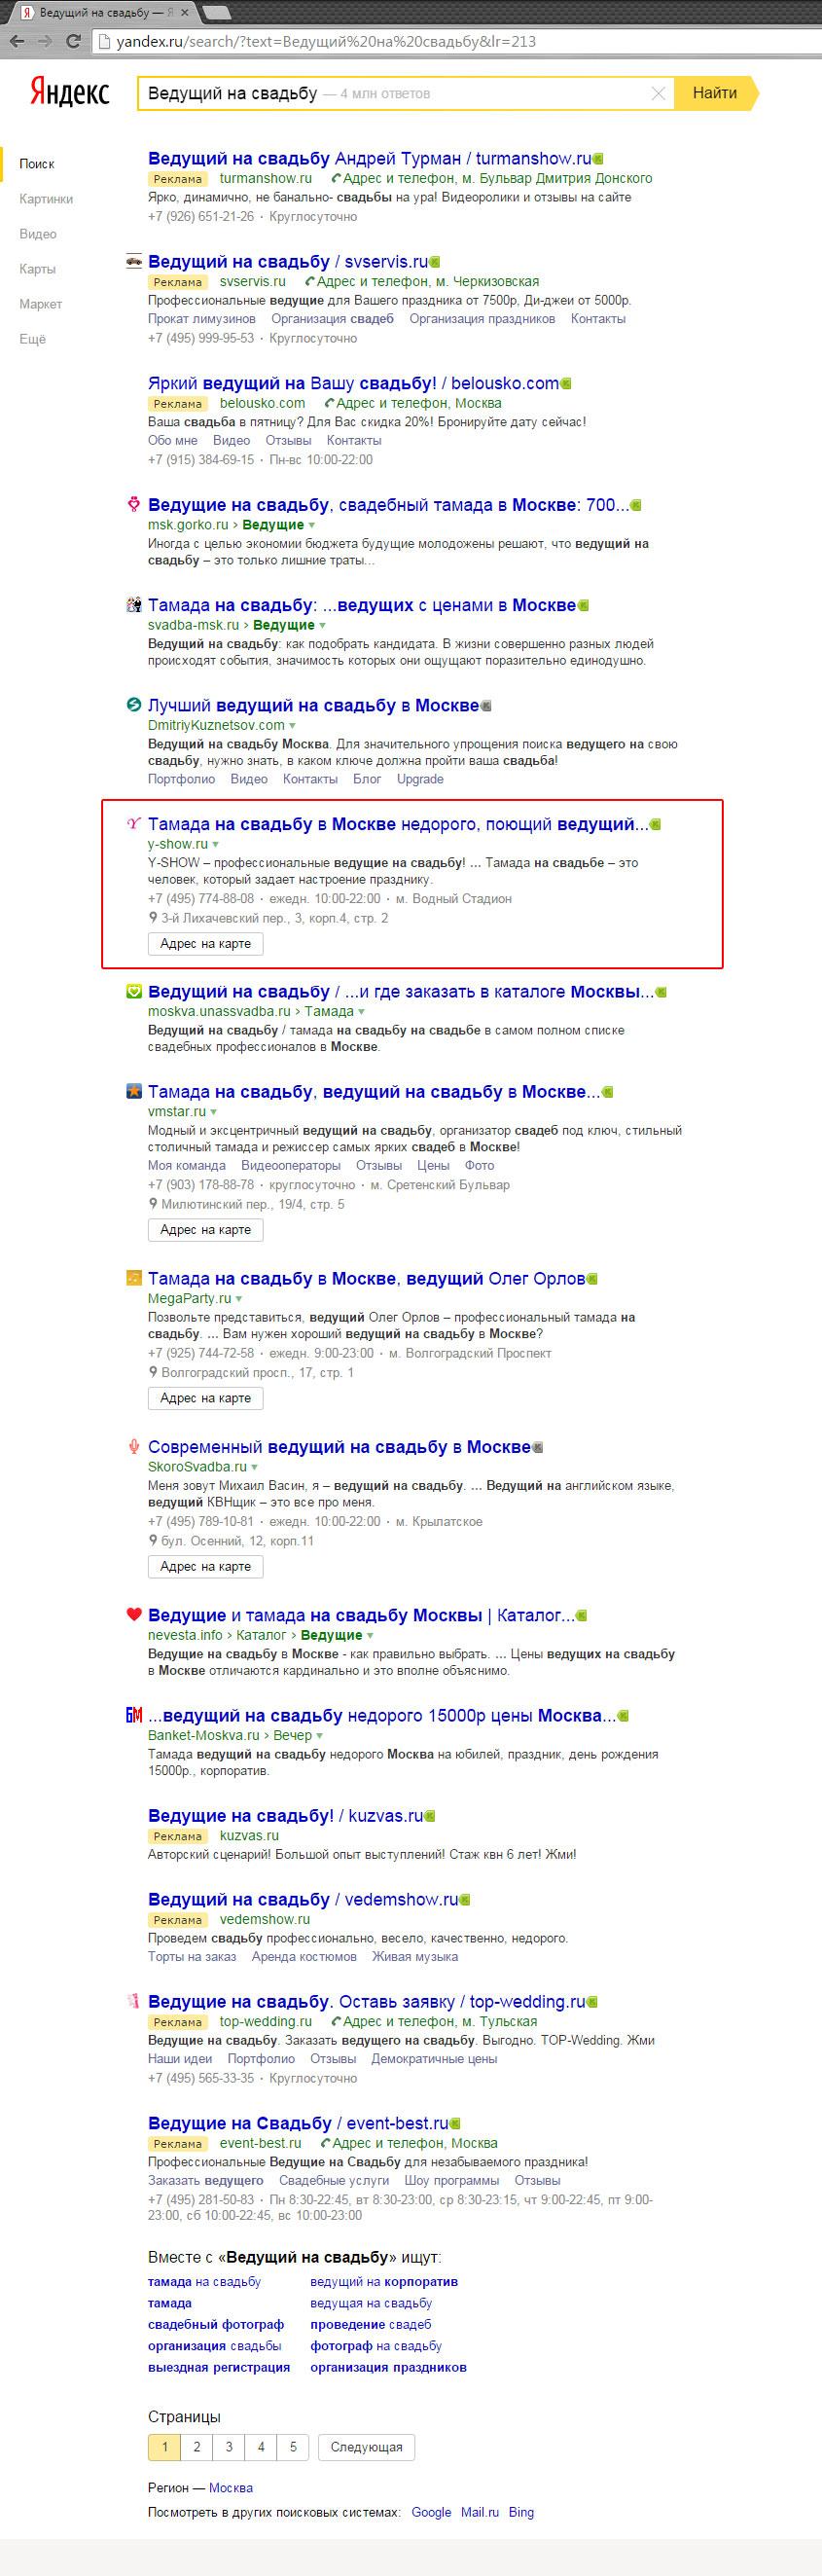 Ведущий на свадьбу, Москва и область / Яндекс (4-место)